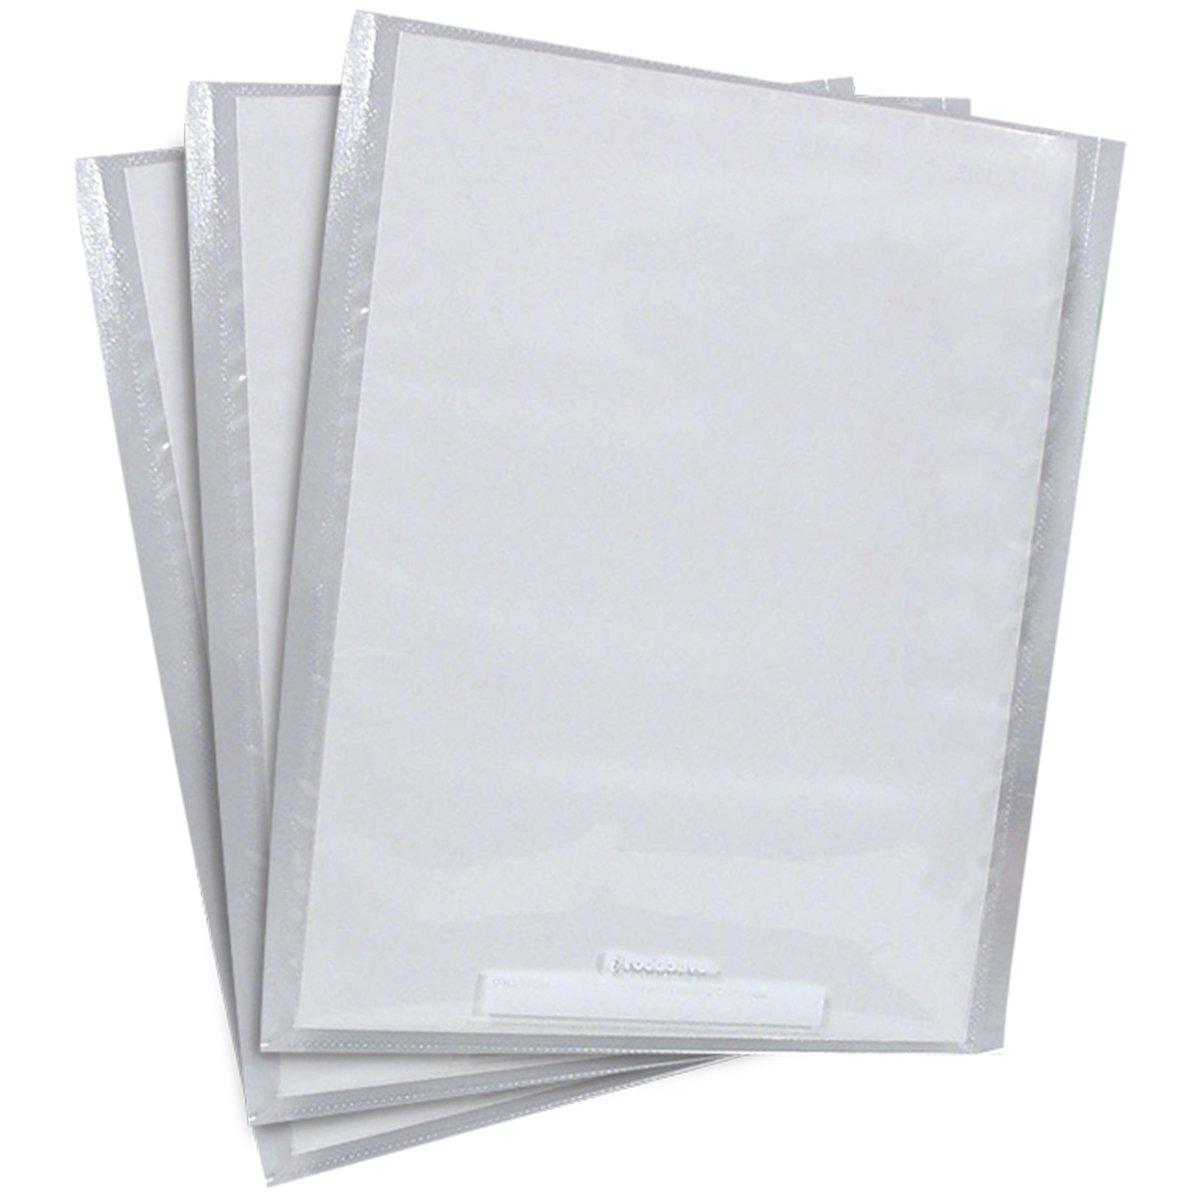 Foodsaver Fresh Saver Vacuum Sealer Zipper Bag Combo Pack